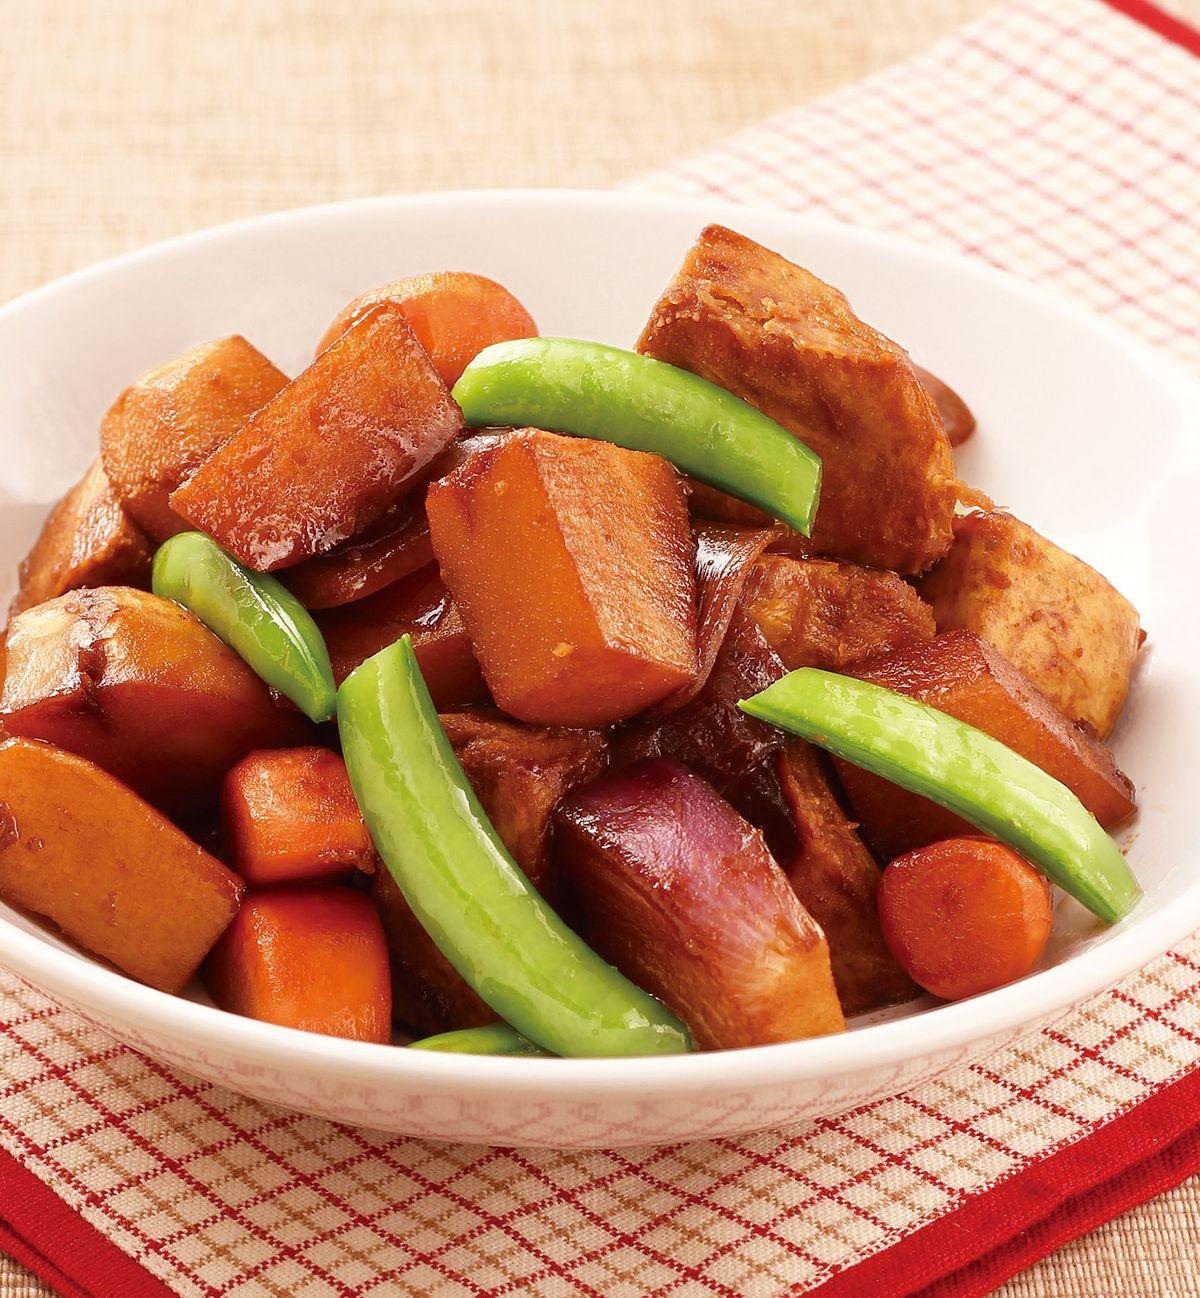 食譜:根莖蔬菜煮